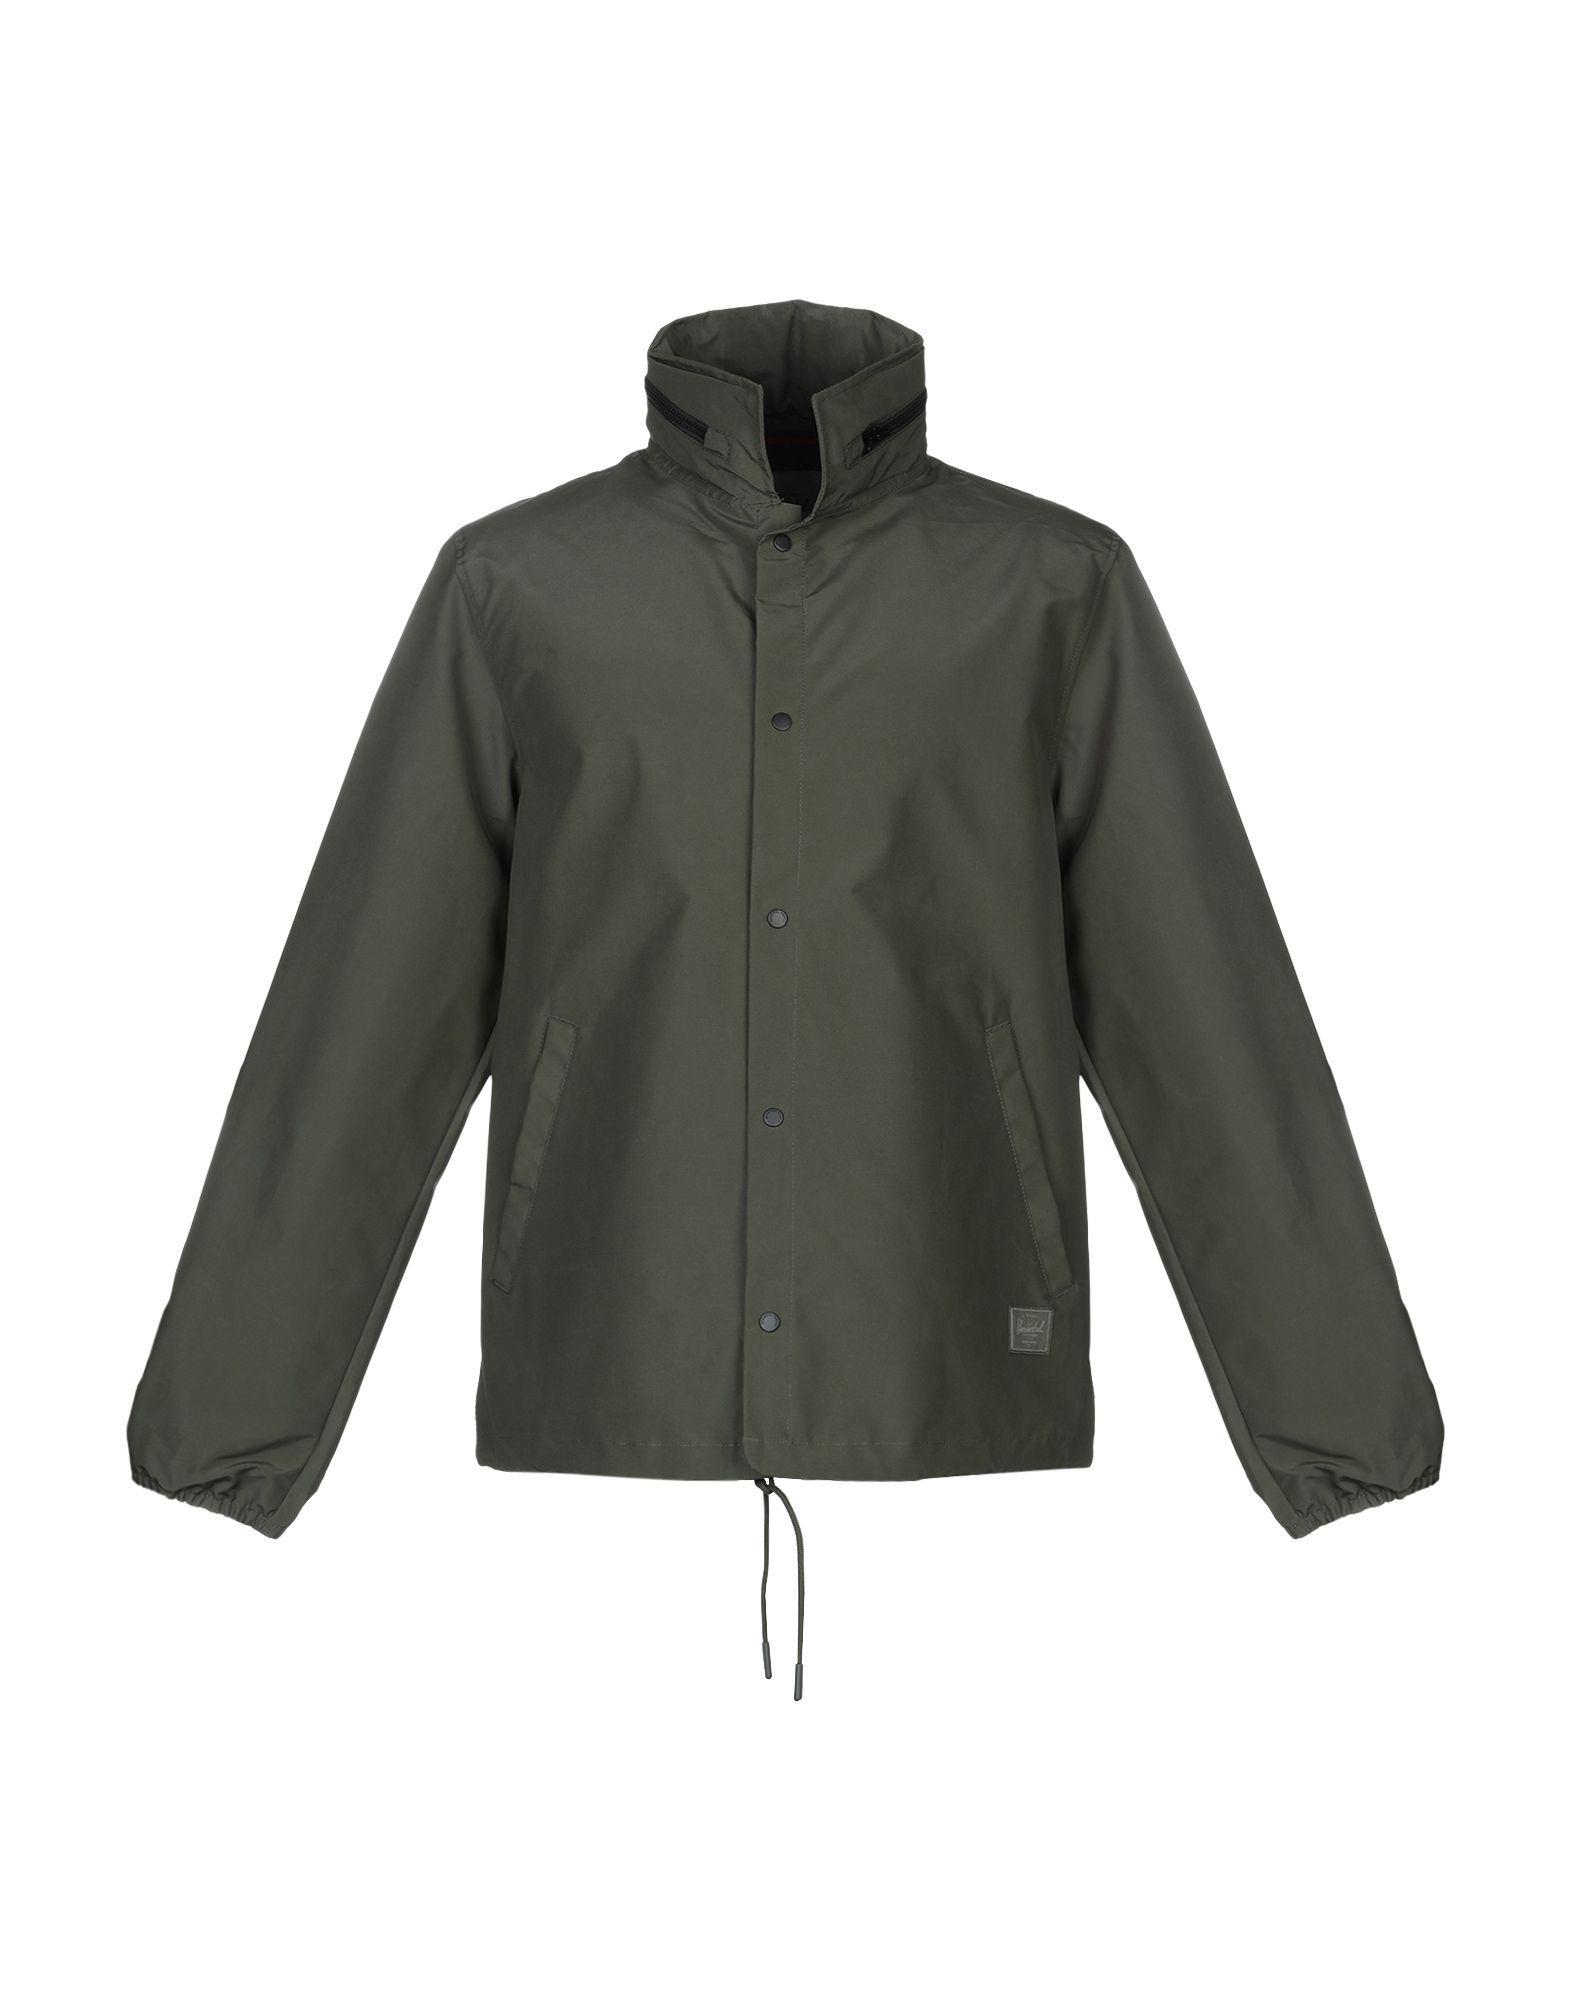 82c99fb0285 Lyst - Herschel Supply Co. Jacket in Green for Men